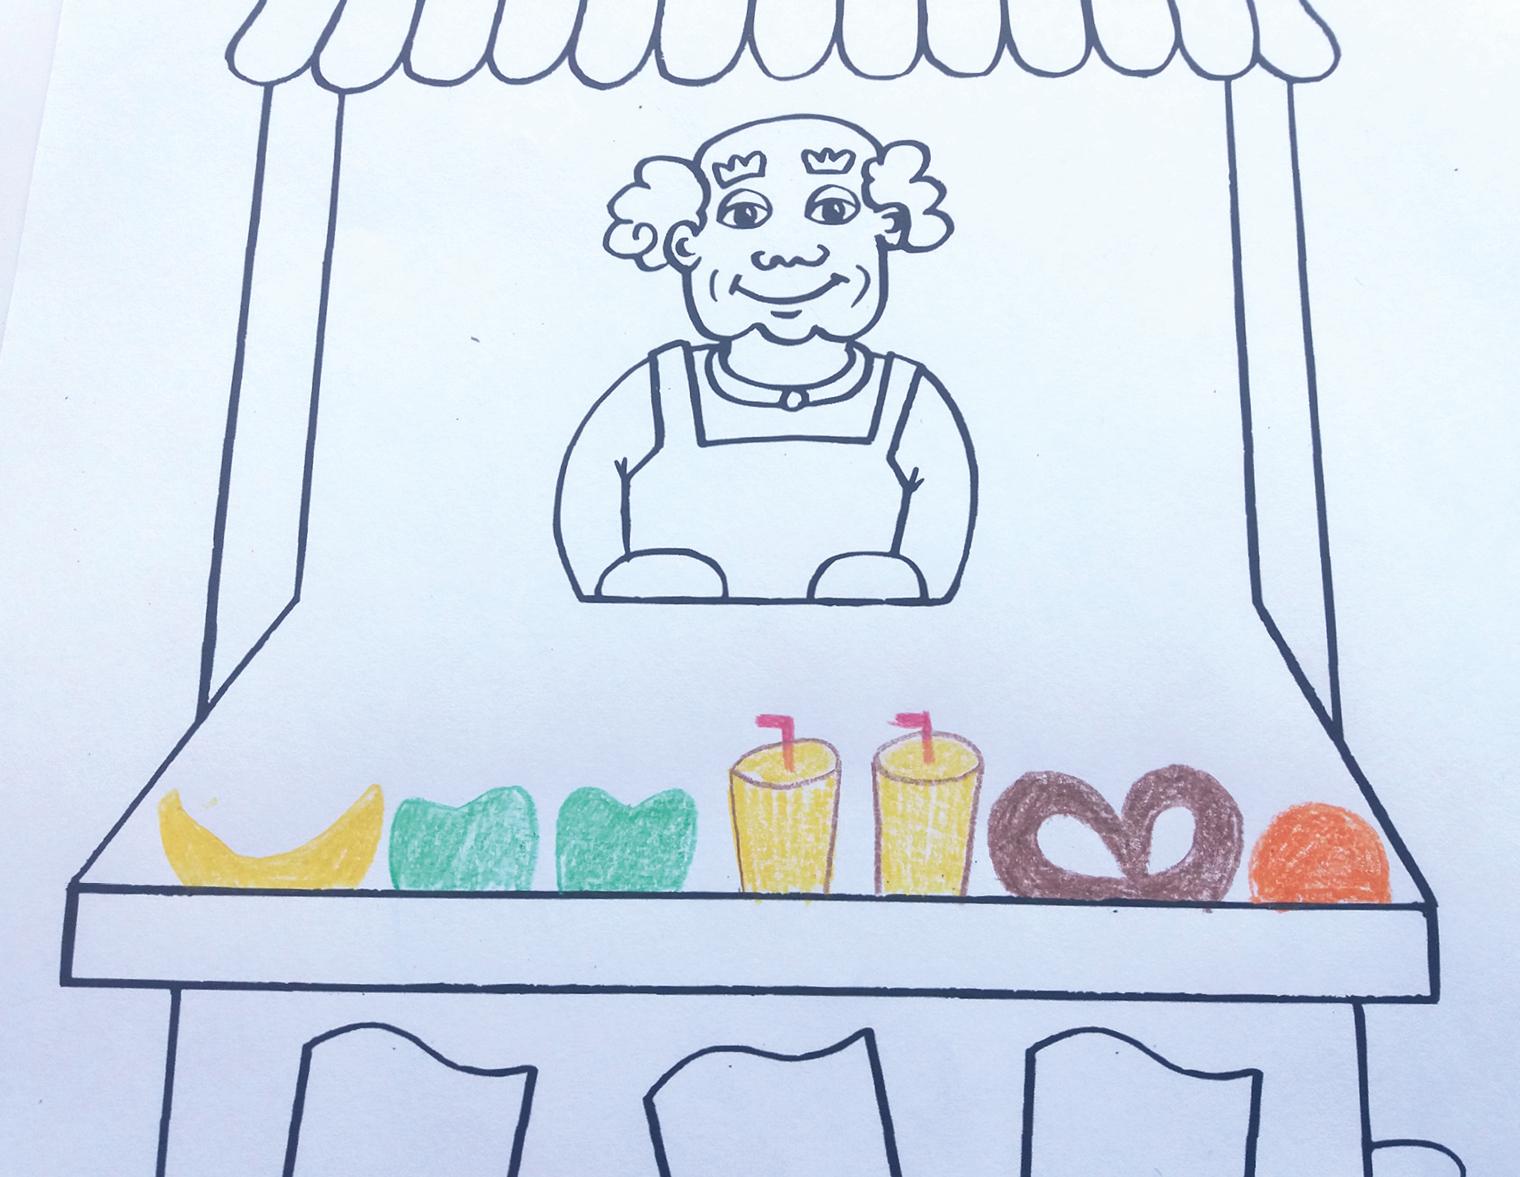 Vorne beginnend verschiedene Lebensmittel in den Verkaufskasten des Imbissstands malen